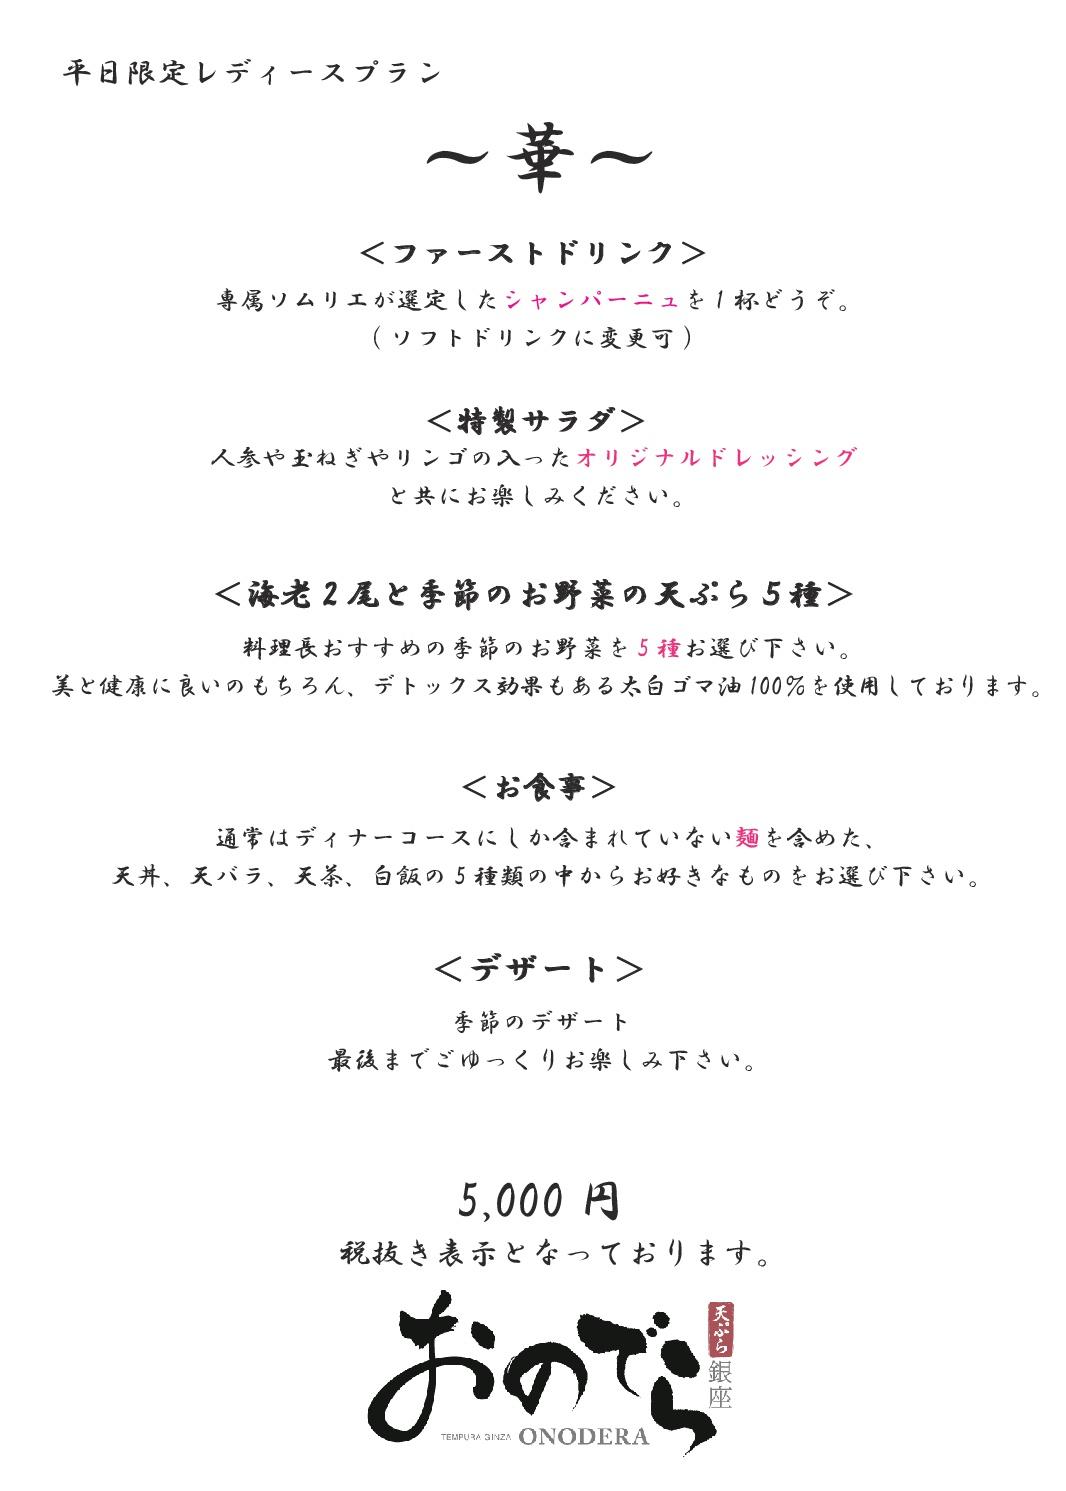 天ぷら [銀座店] Ladies Menu<br>平日ランチ限定2